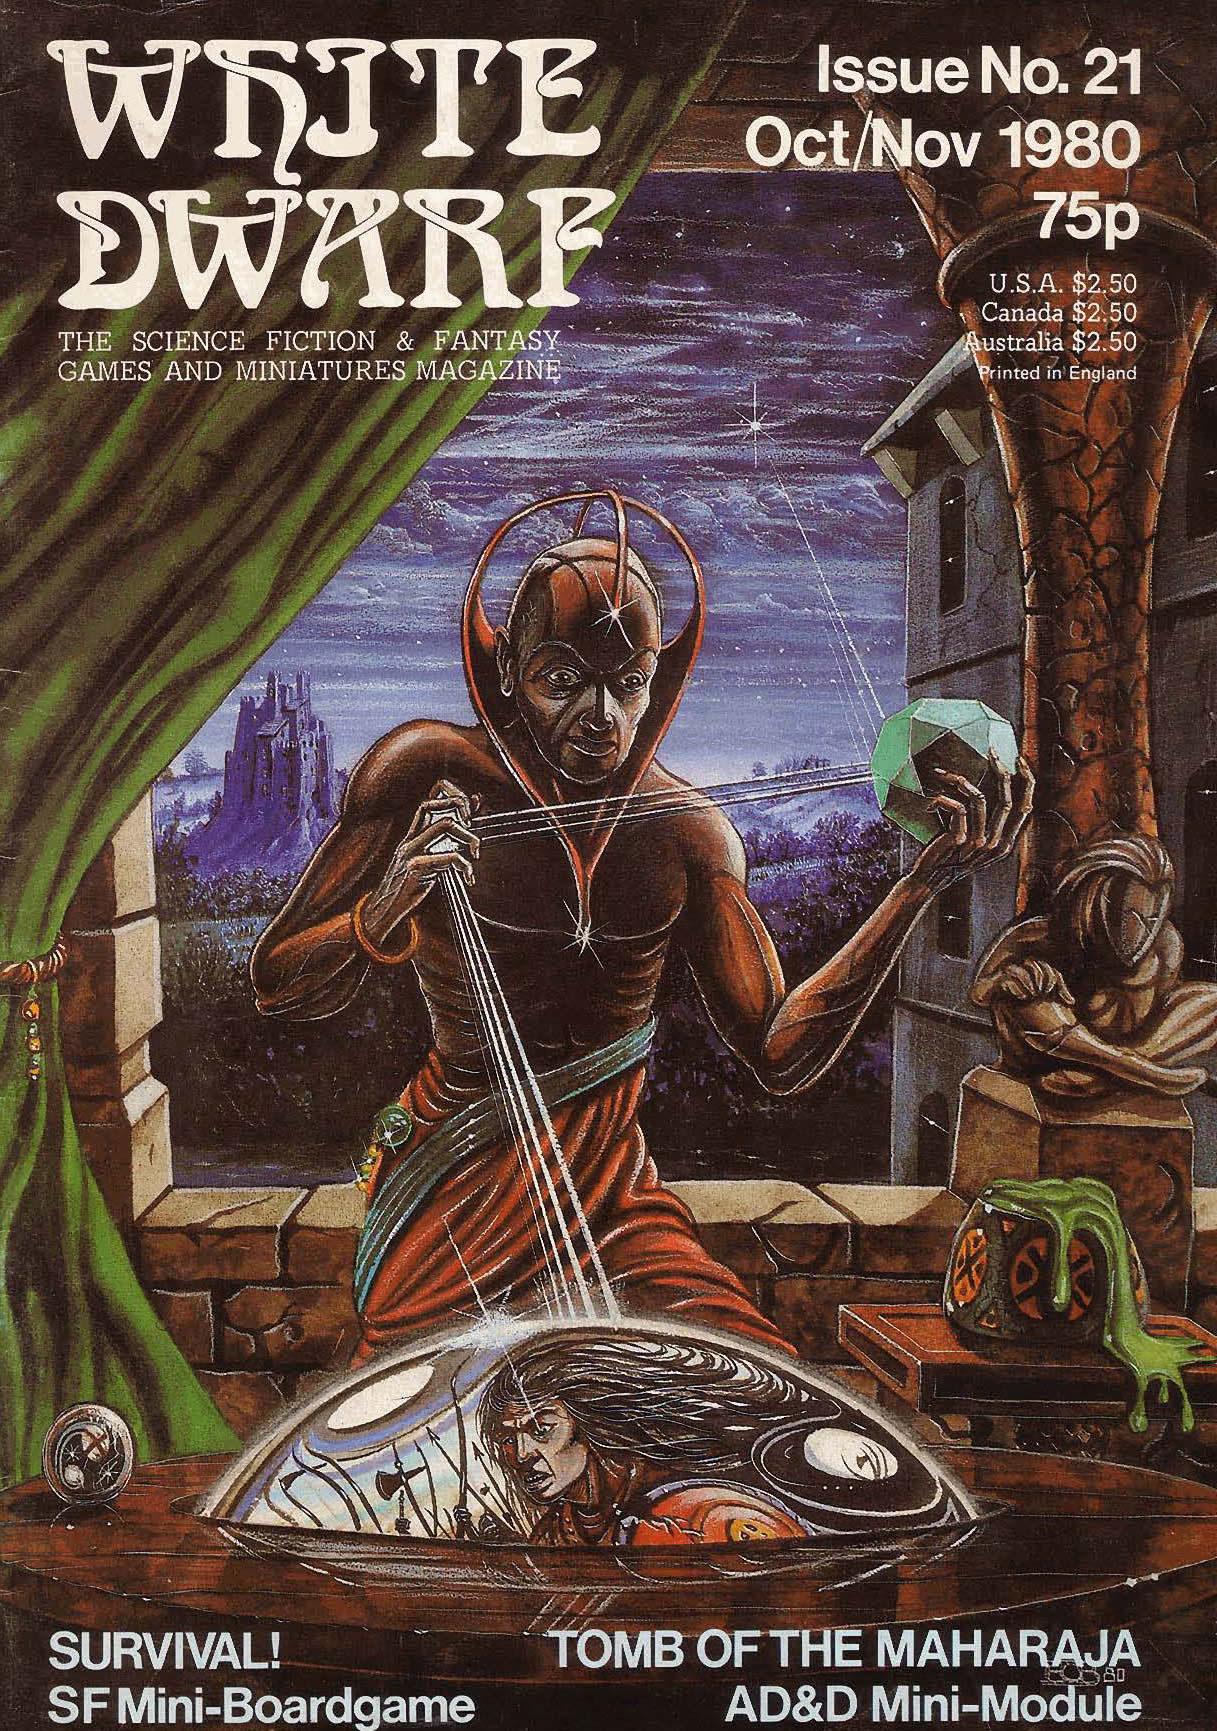 White Dwarf 21